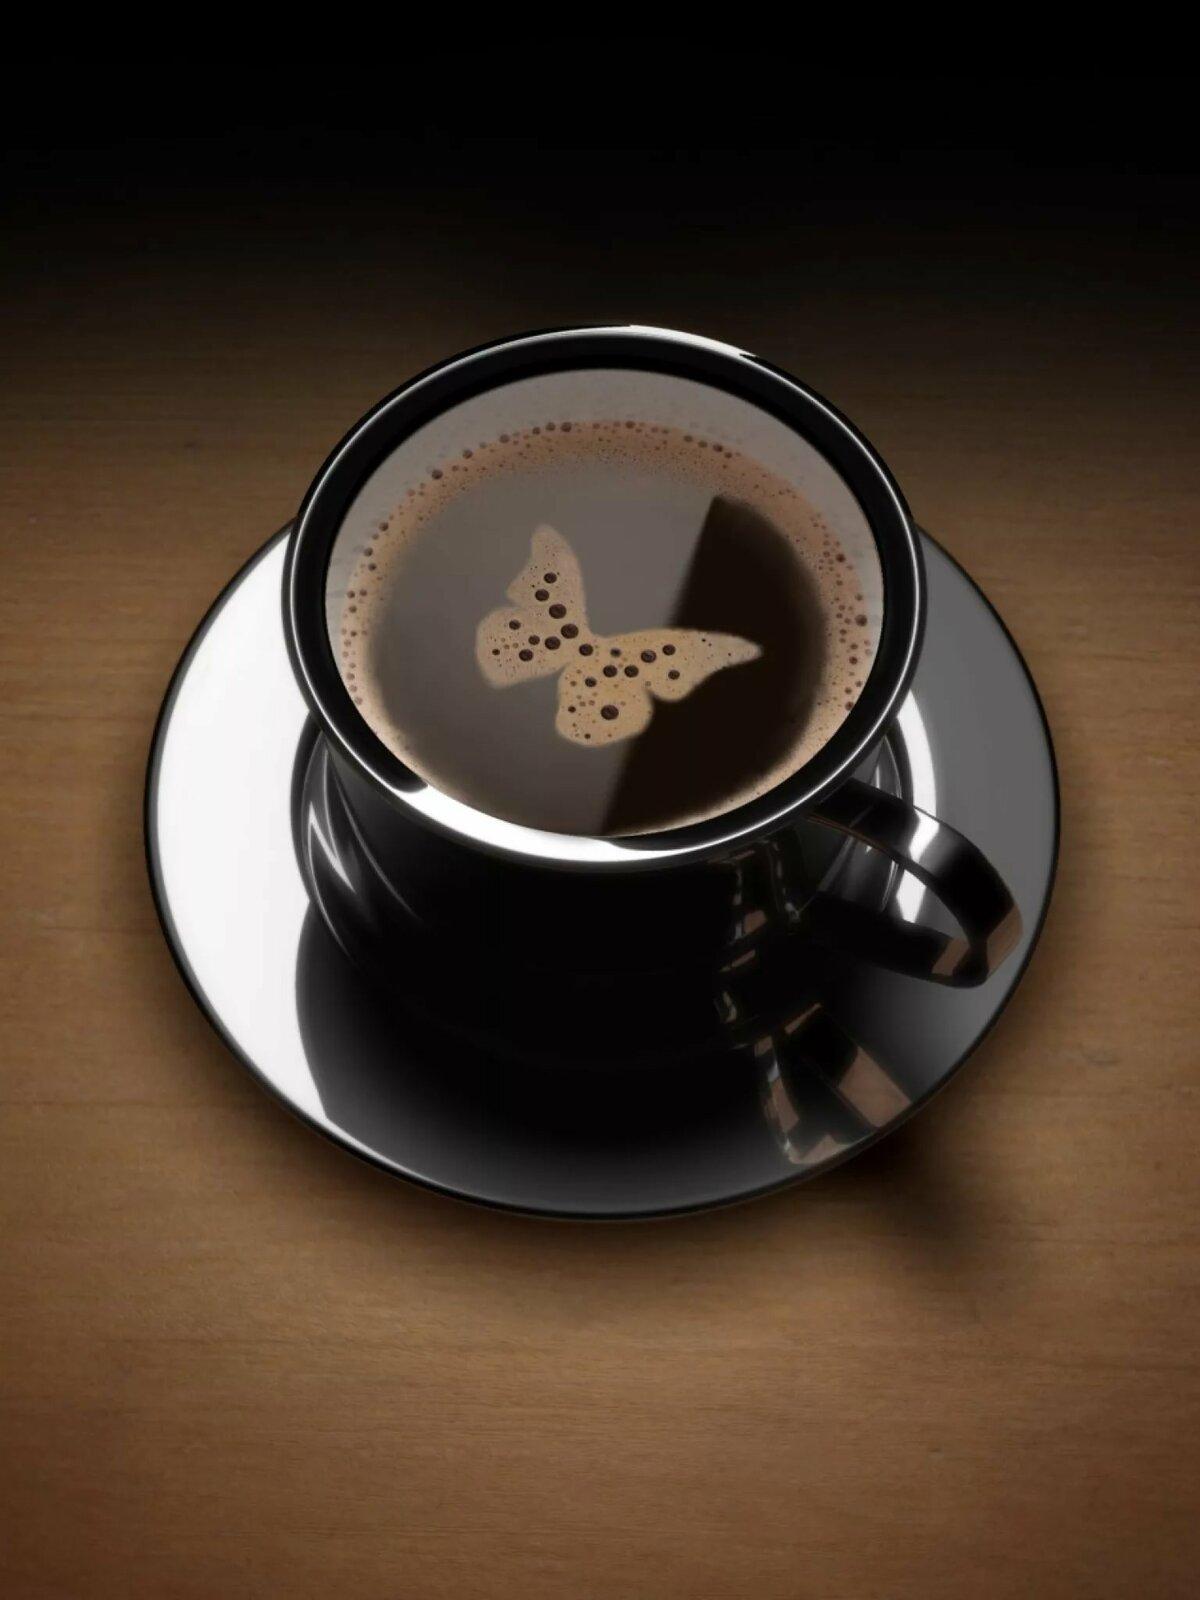 Доброе утро картинки прикольные смешные кофе